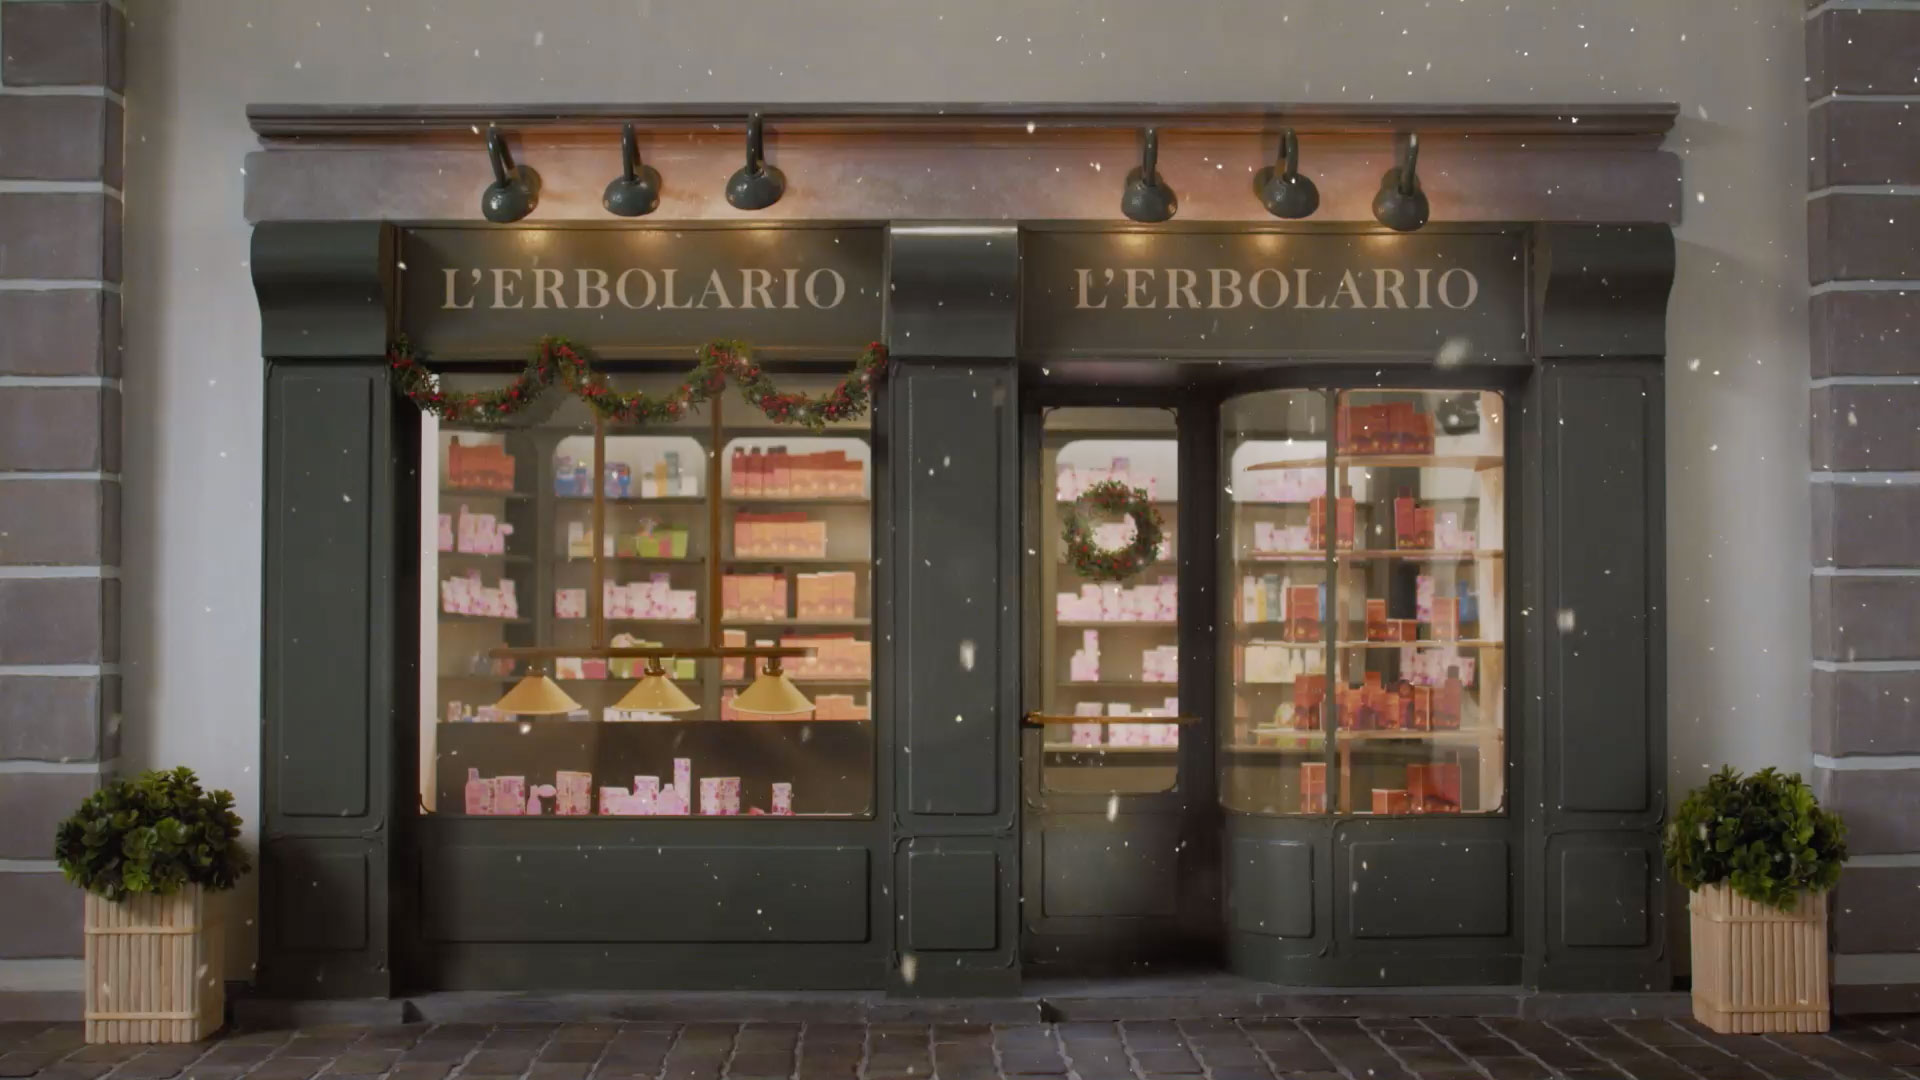 L'Erbolario - Ebano e Dalia - Motion Graphics - Stop Motion - TV Commercial - Milano